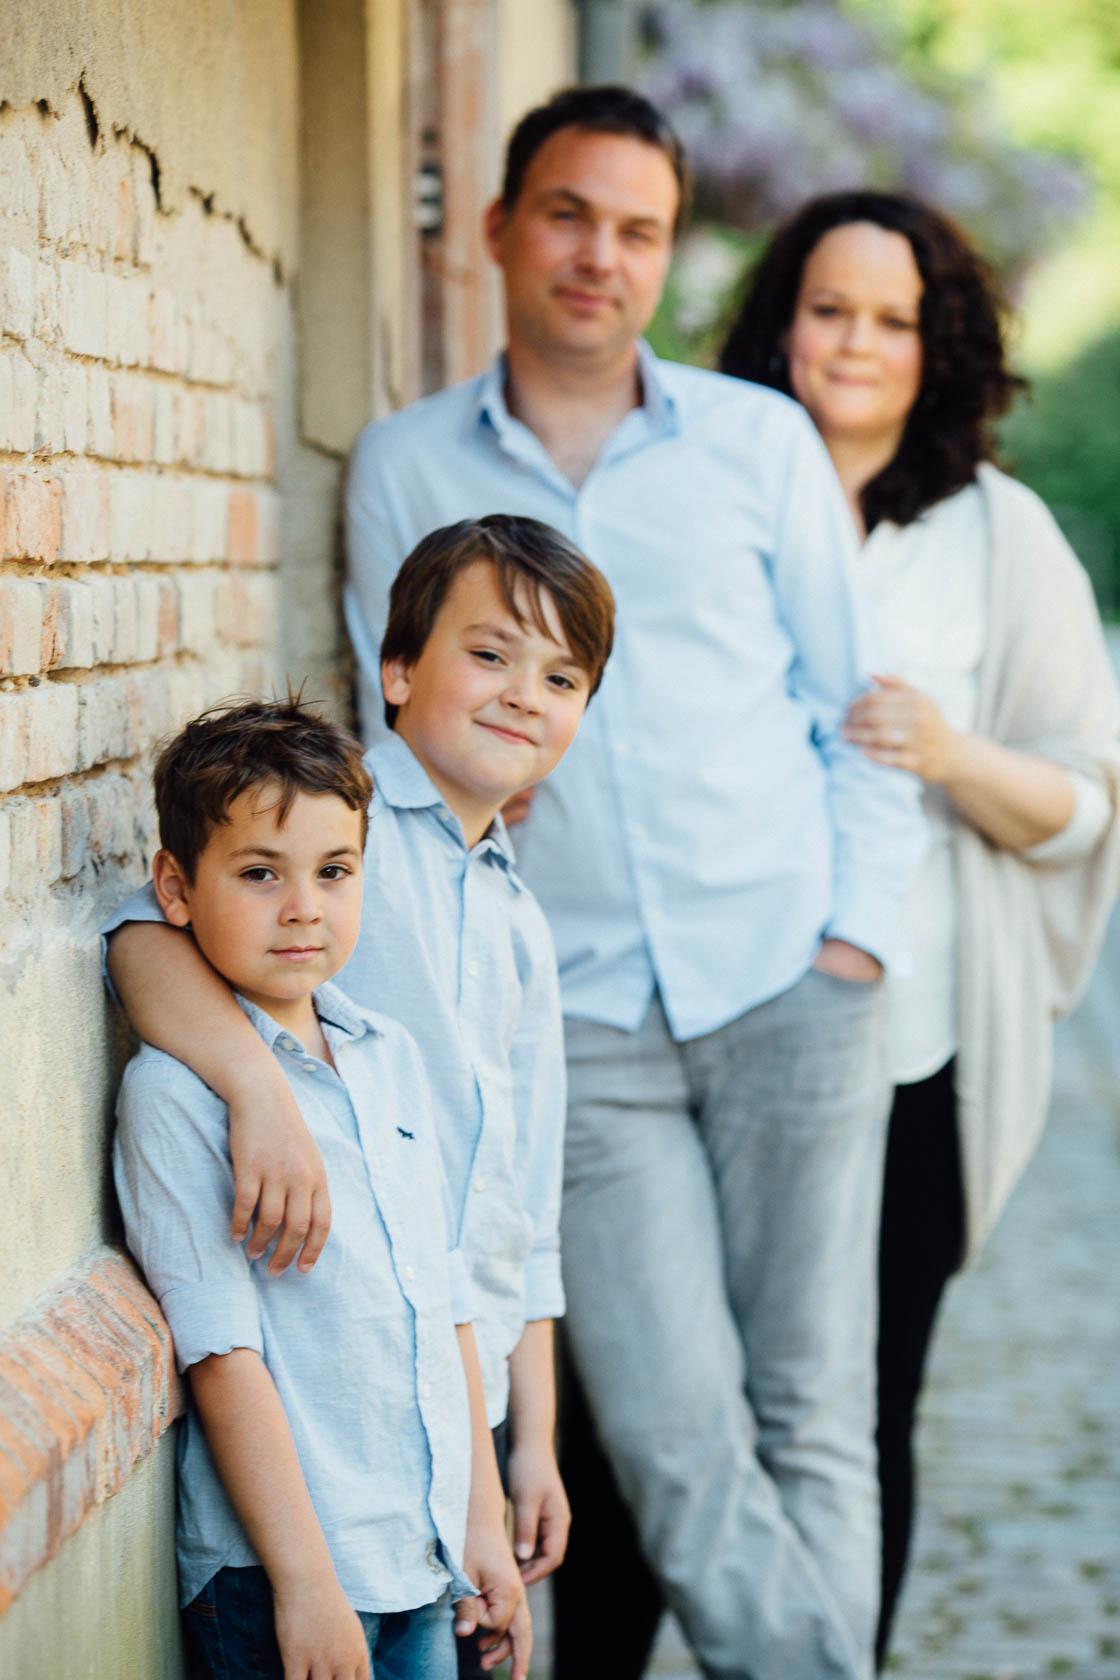 Familienfotos in Speyer Spiel mit der Unschärfe